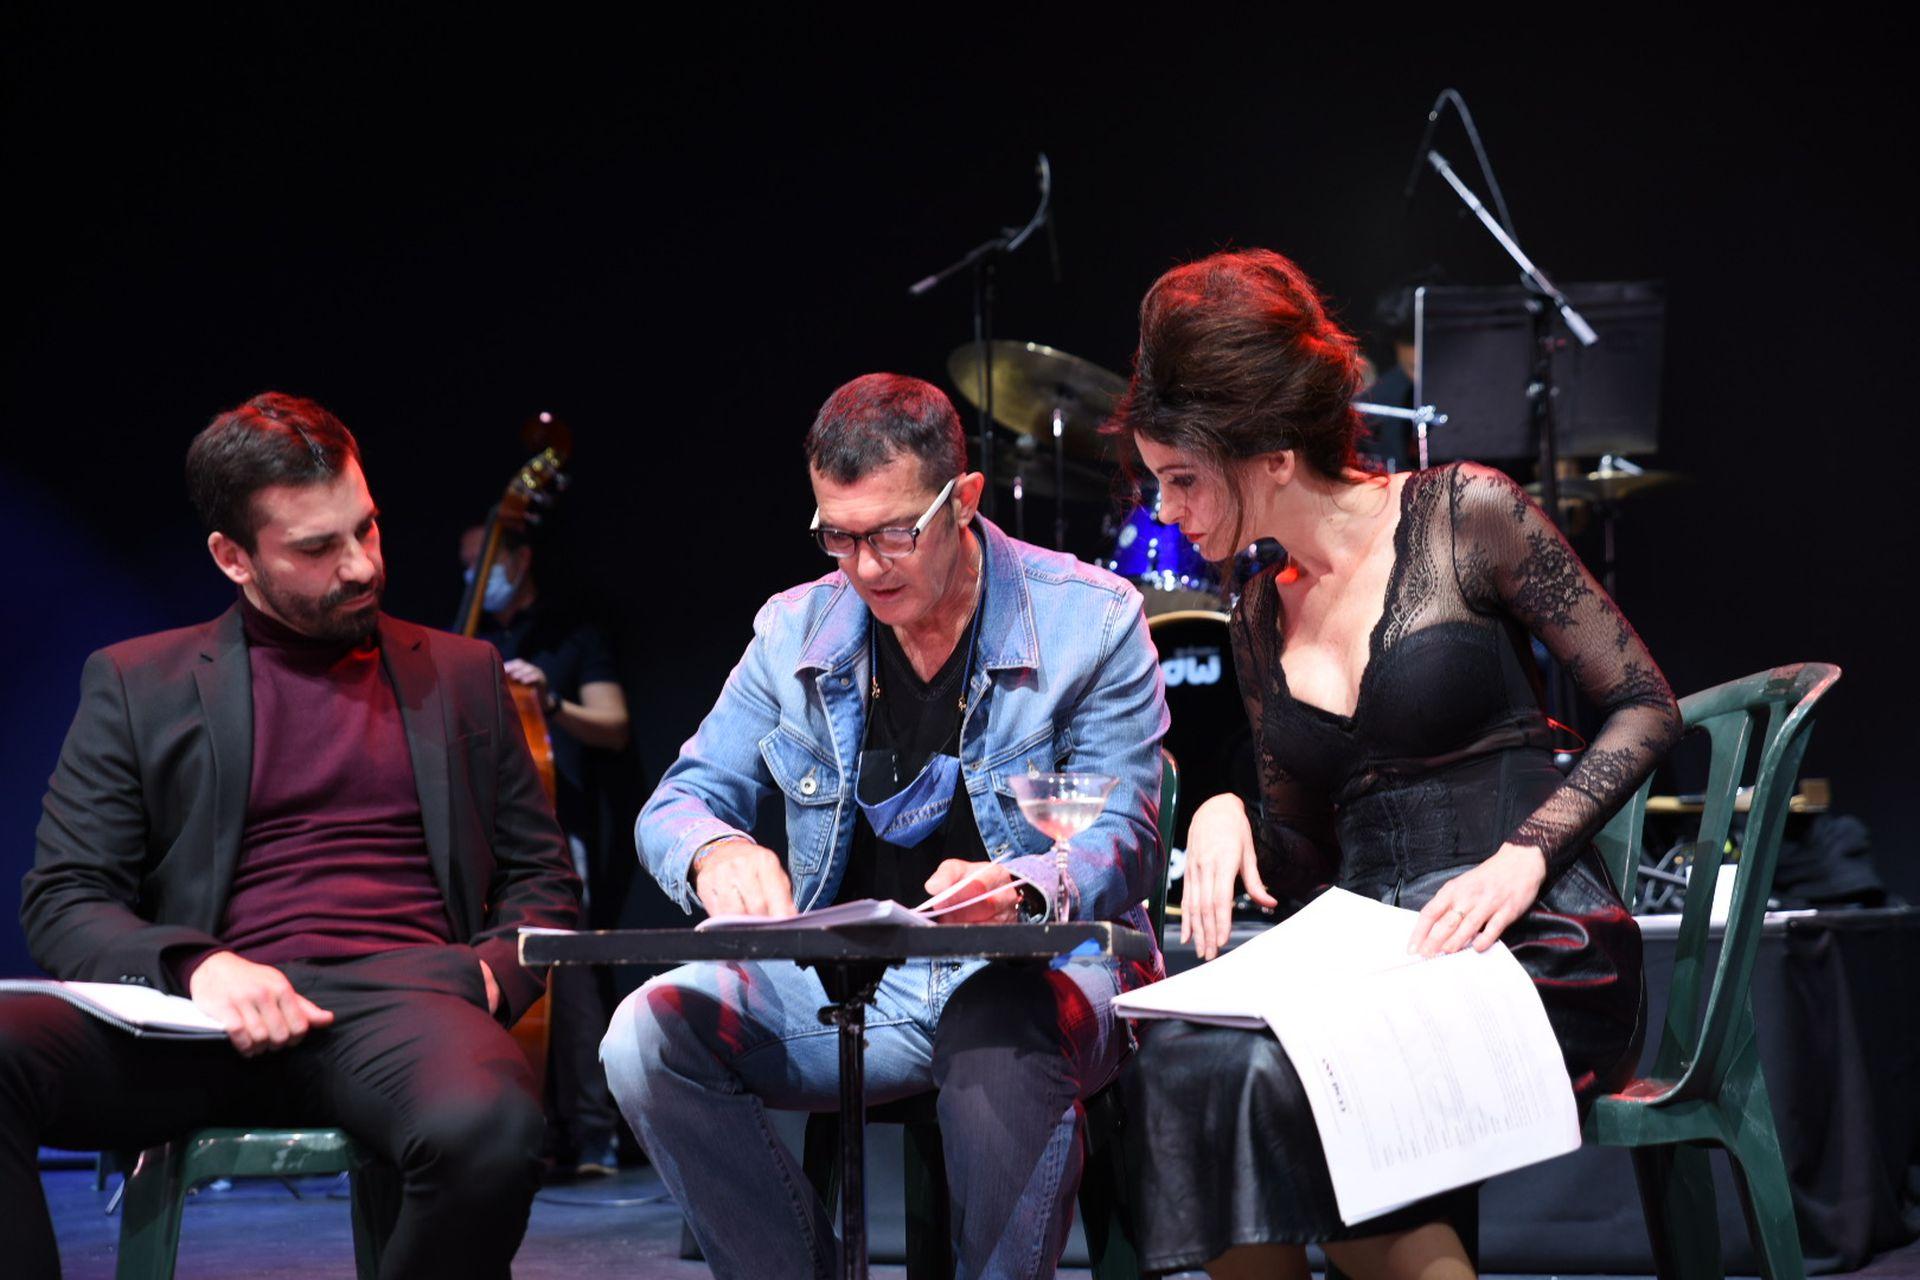 Juan José Marco, Antonio Banderas y Graciela Monterde interpretan una escena del musical en el workshop que se realizó en octubre de 2020